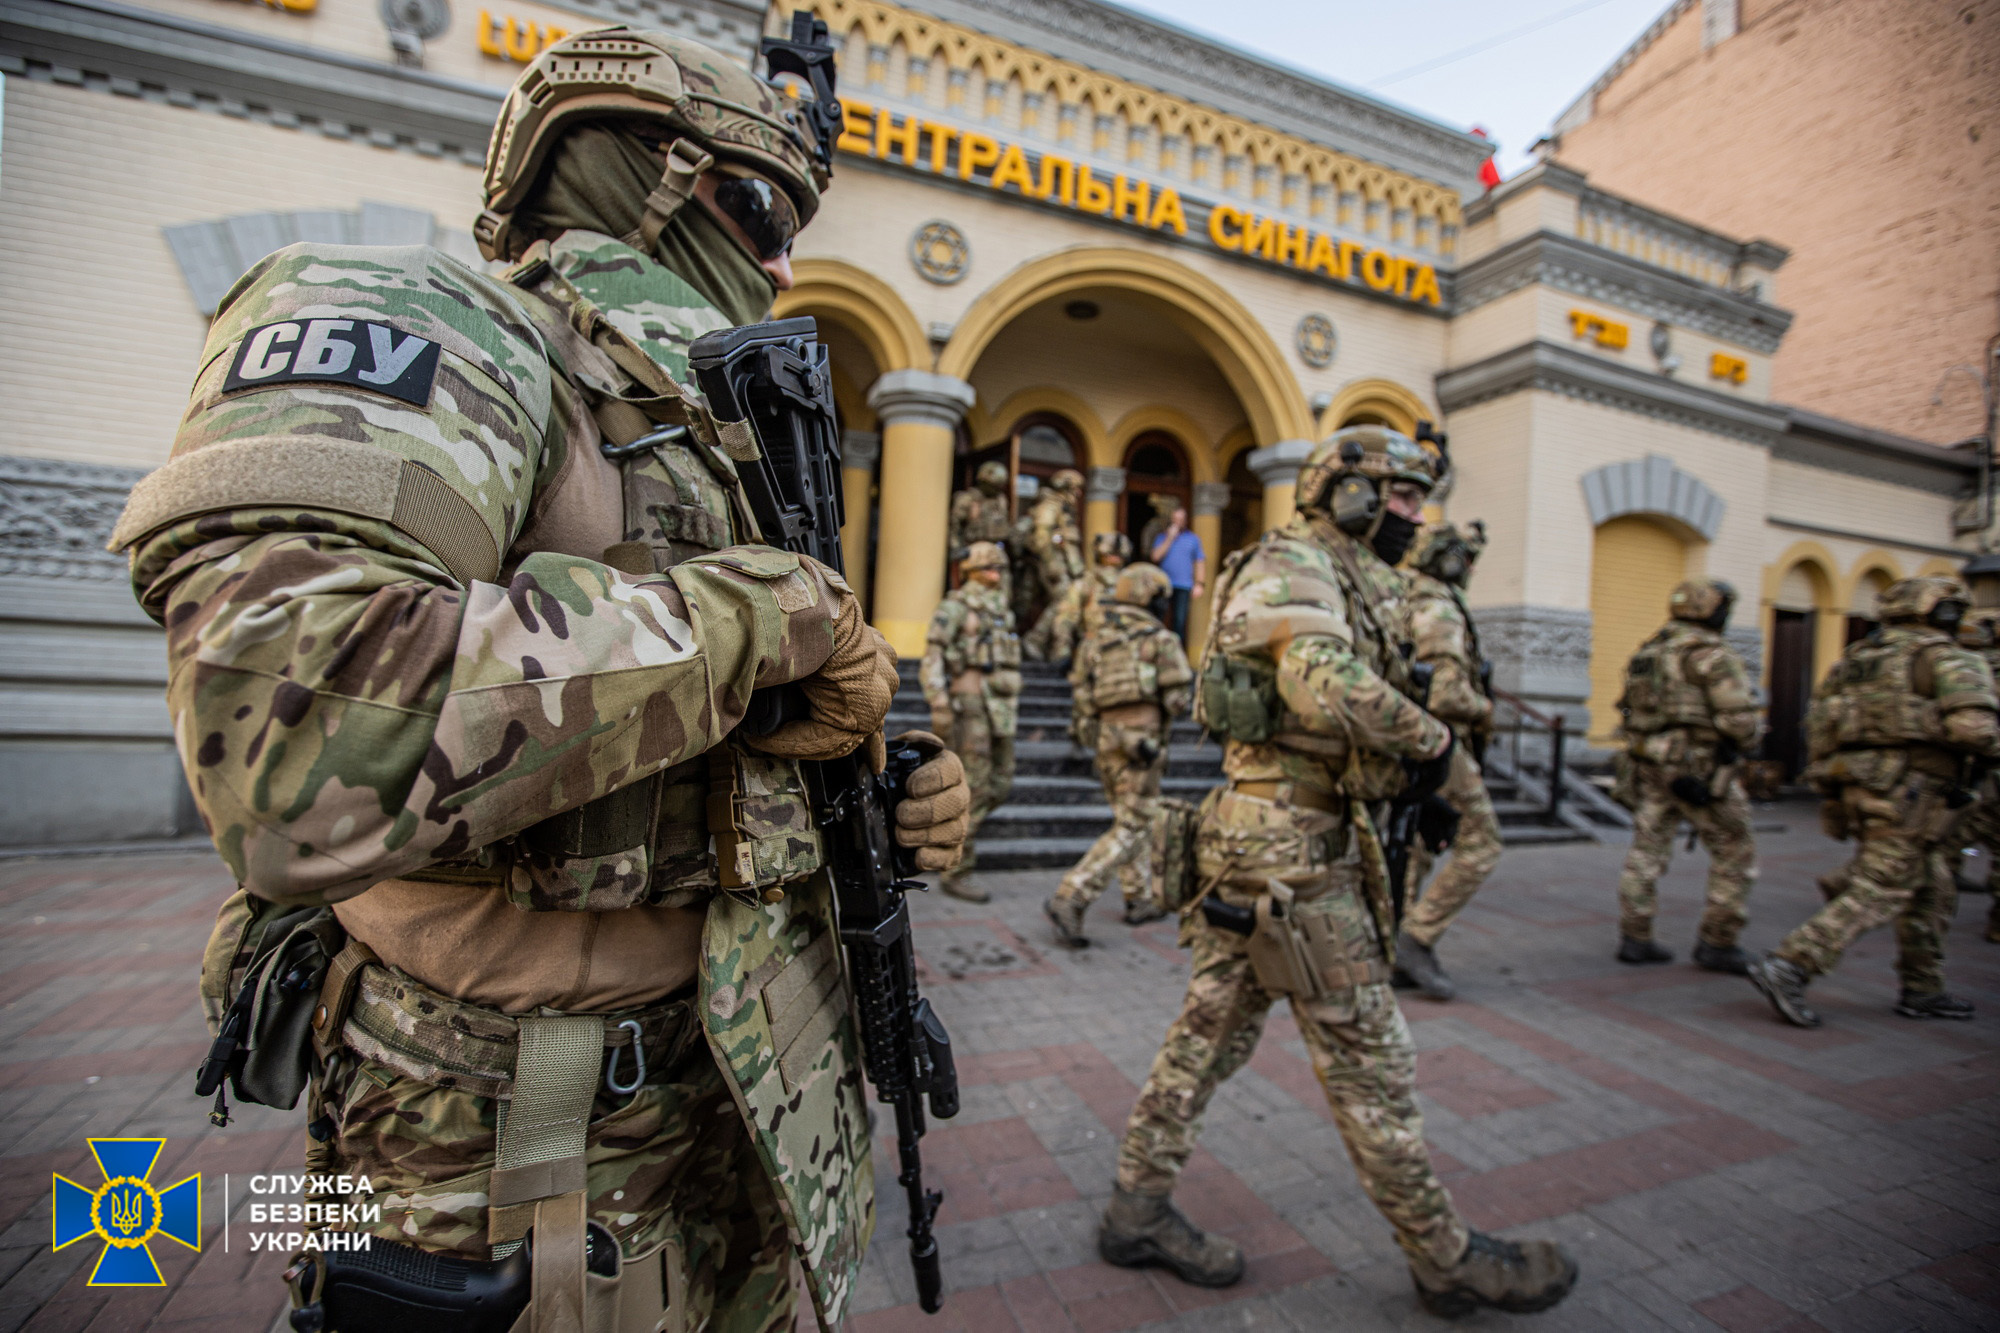 Украинские силовики провели учения и освободили посла Израиля